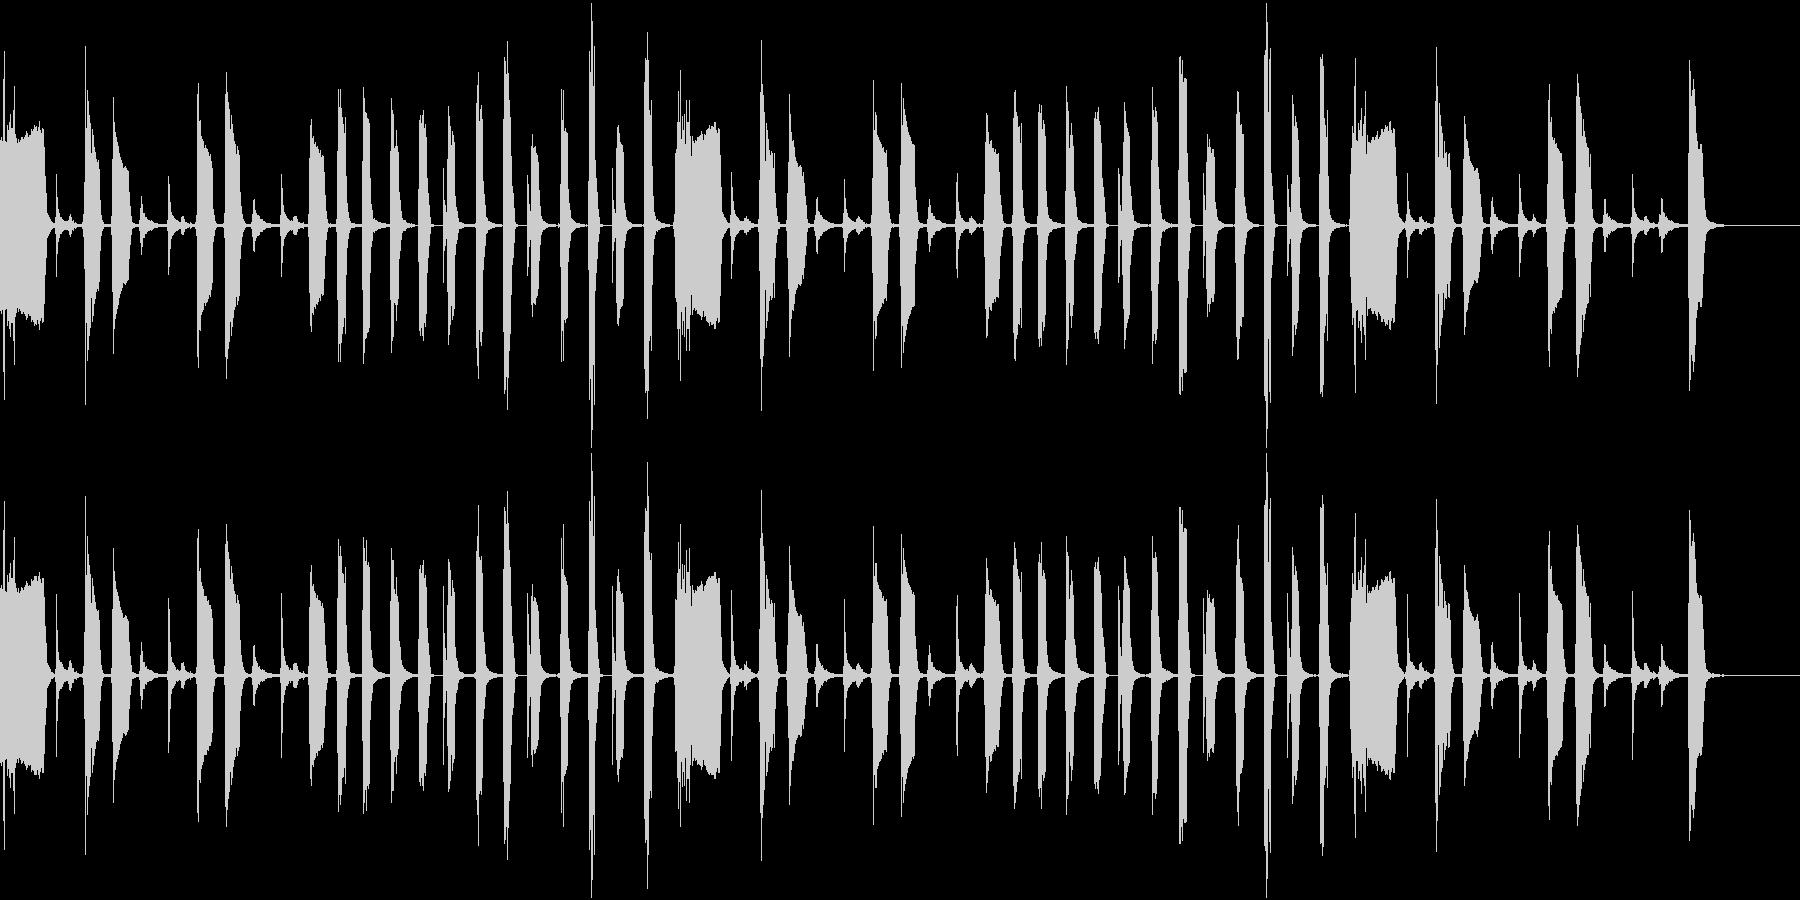 おっちょこちょいな動物が登場するときの曲の未再生の波形